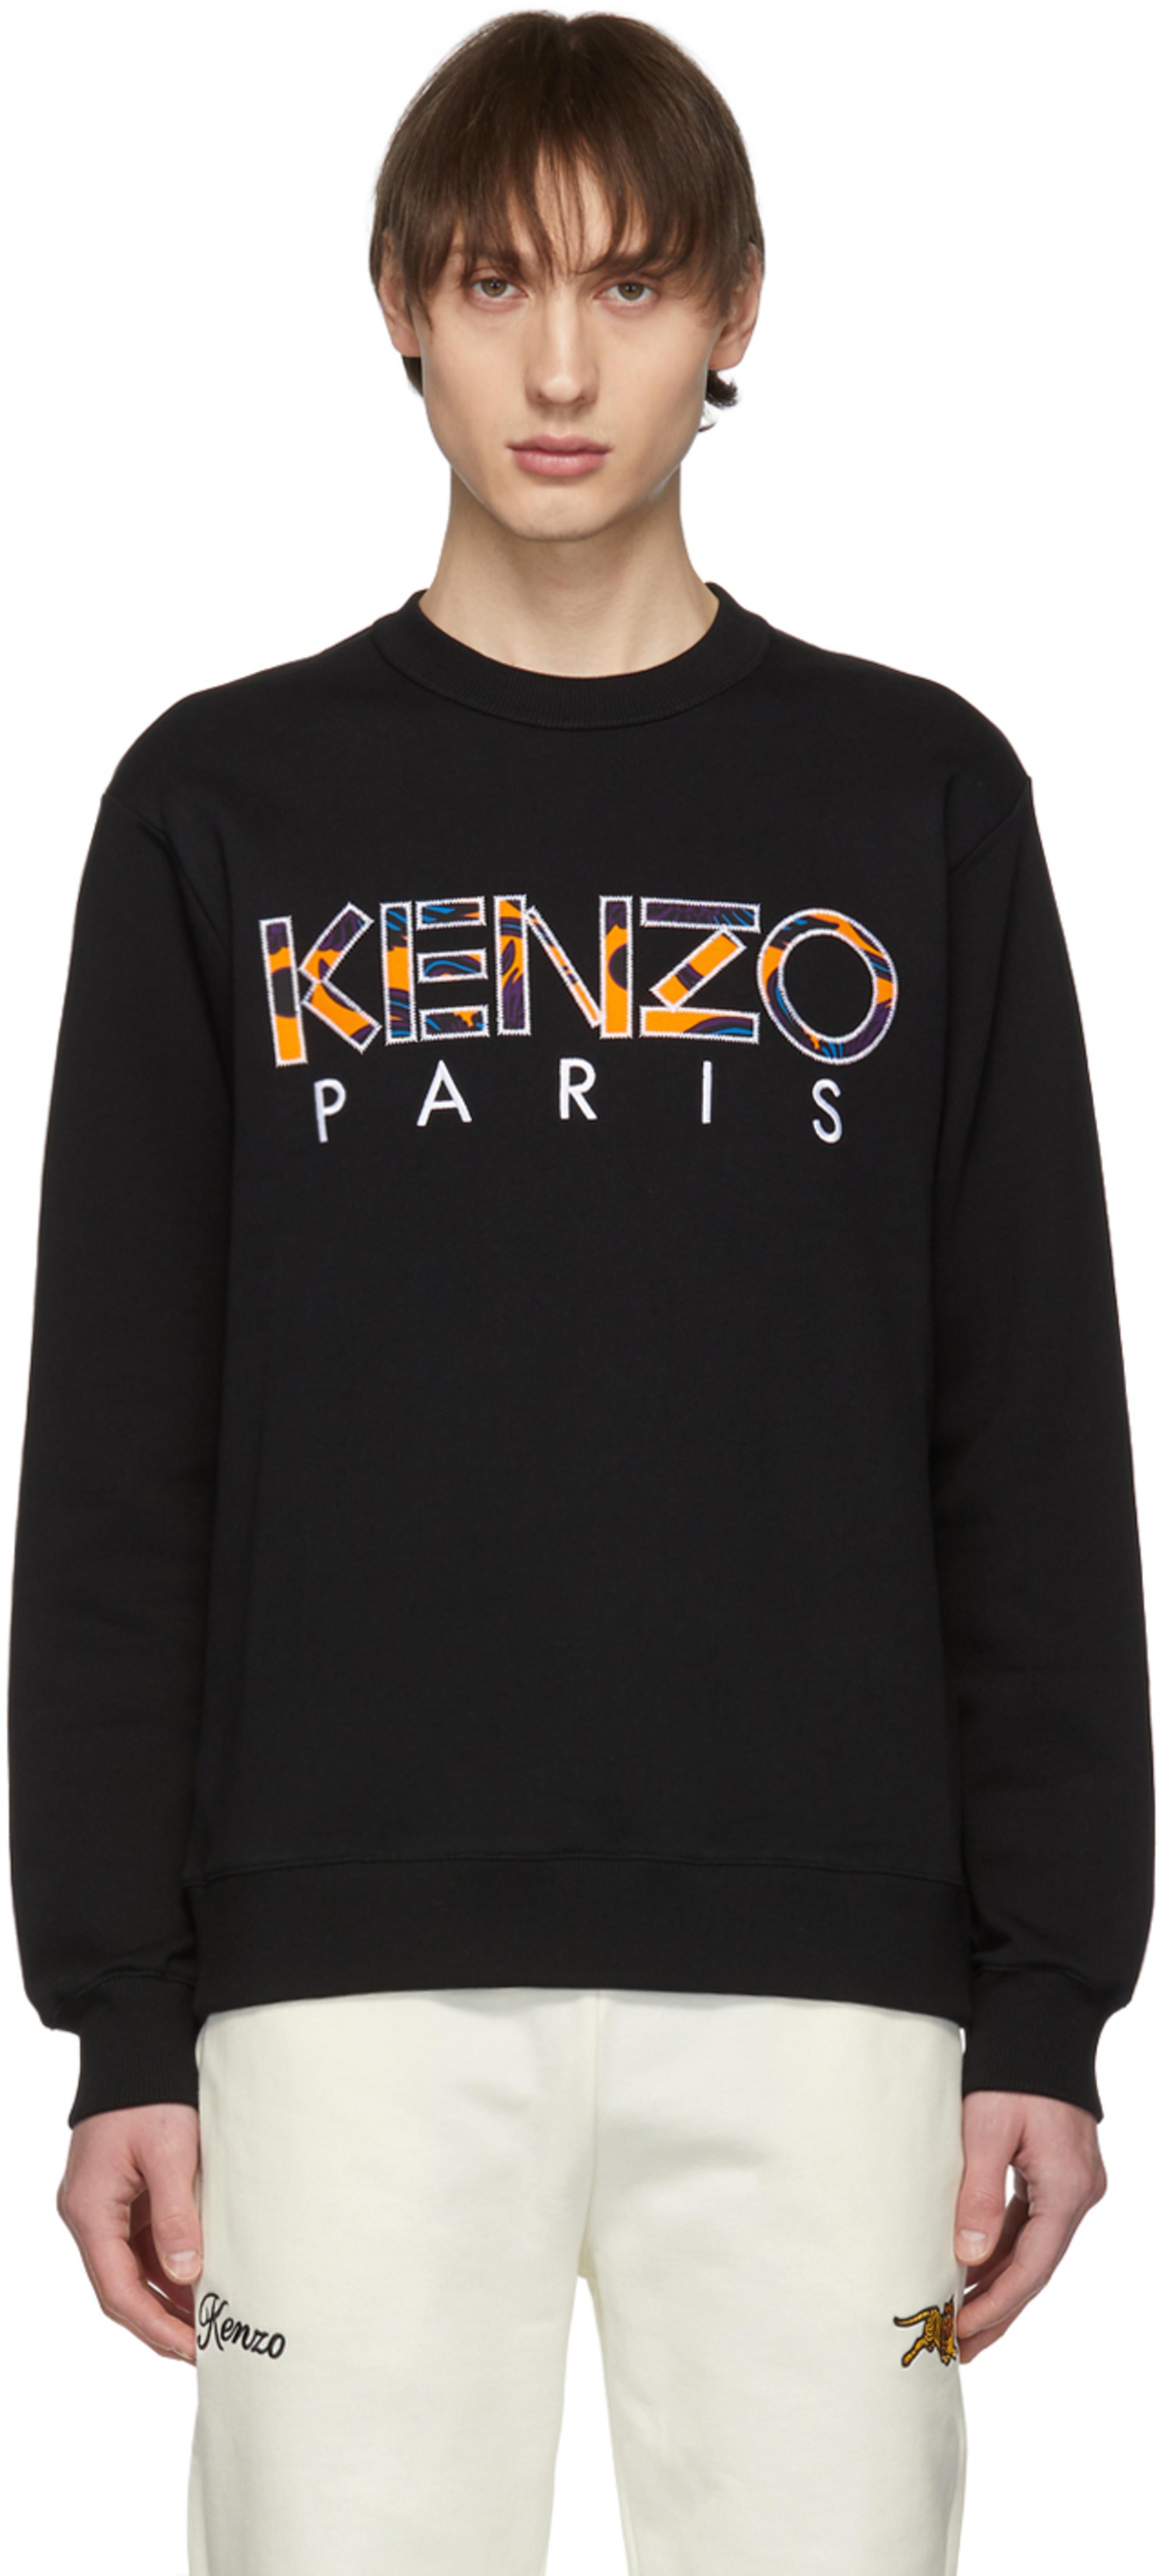 feb451c3 Black 'Kenzo Paris' Sweatshirt